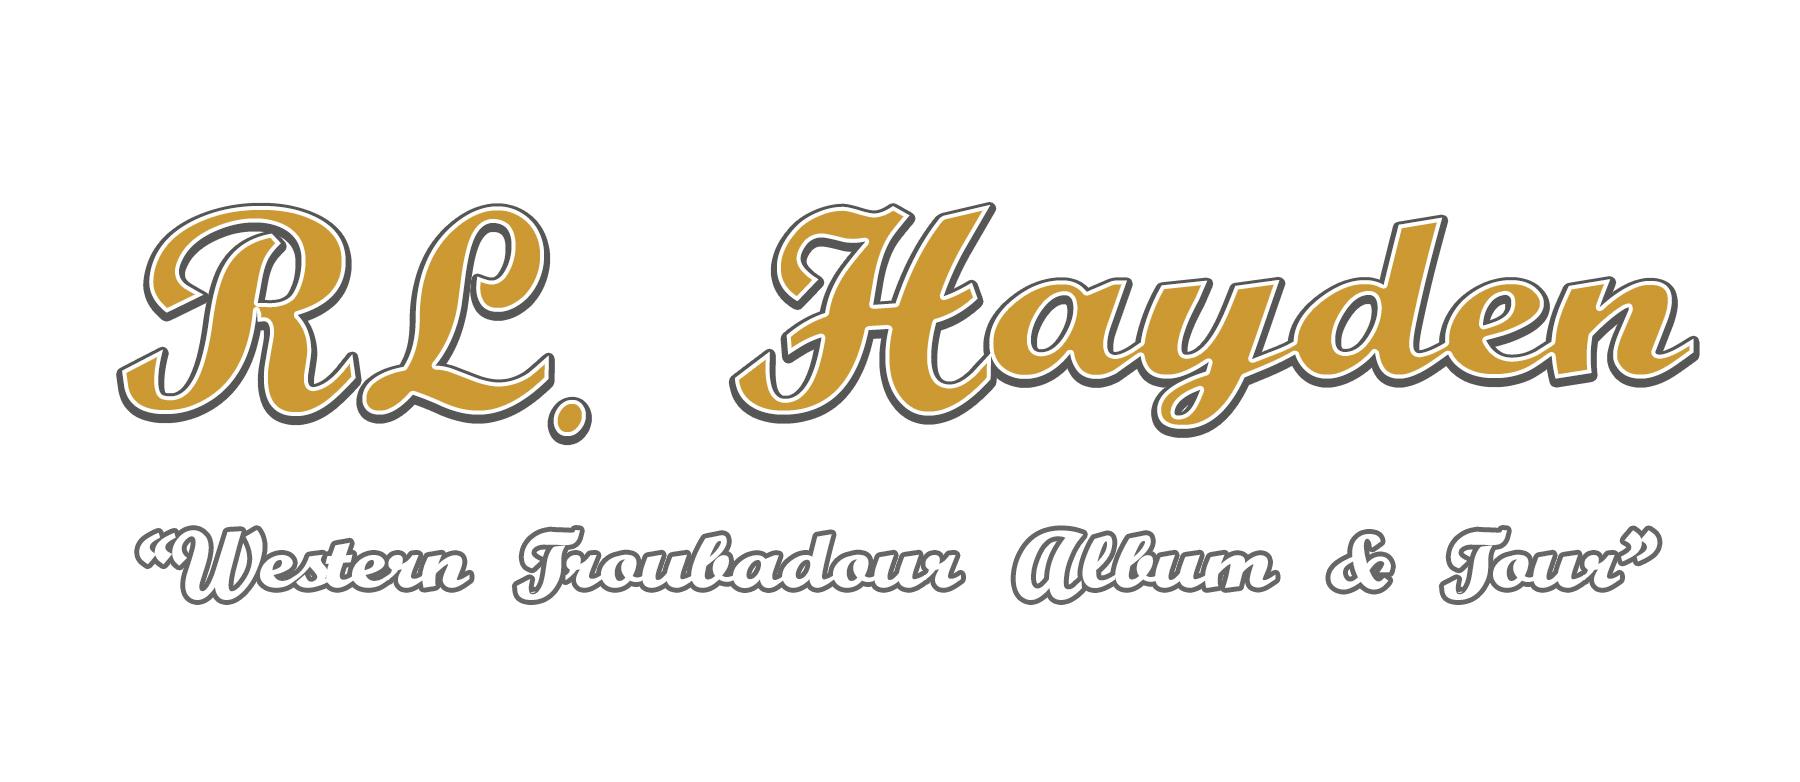 R.L. Hayden | Western Troubadour Album & Tour